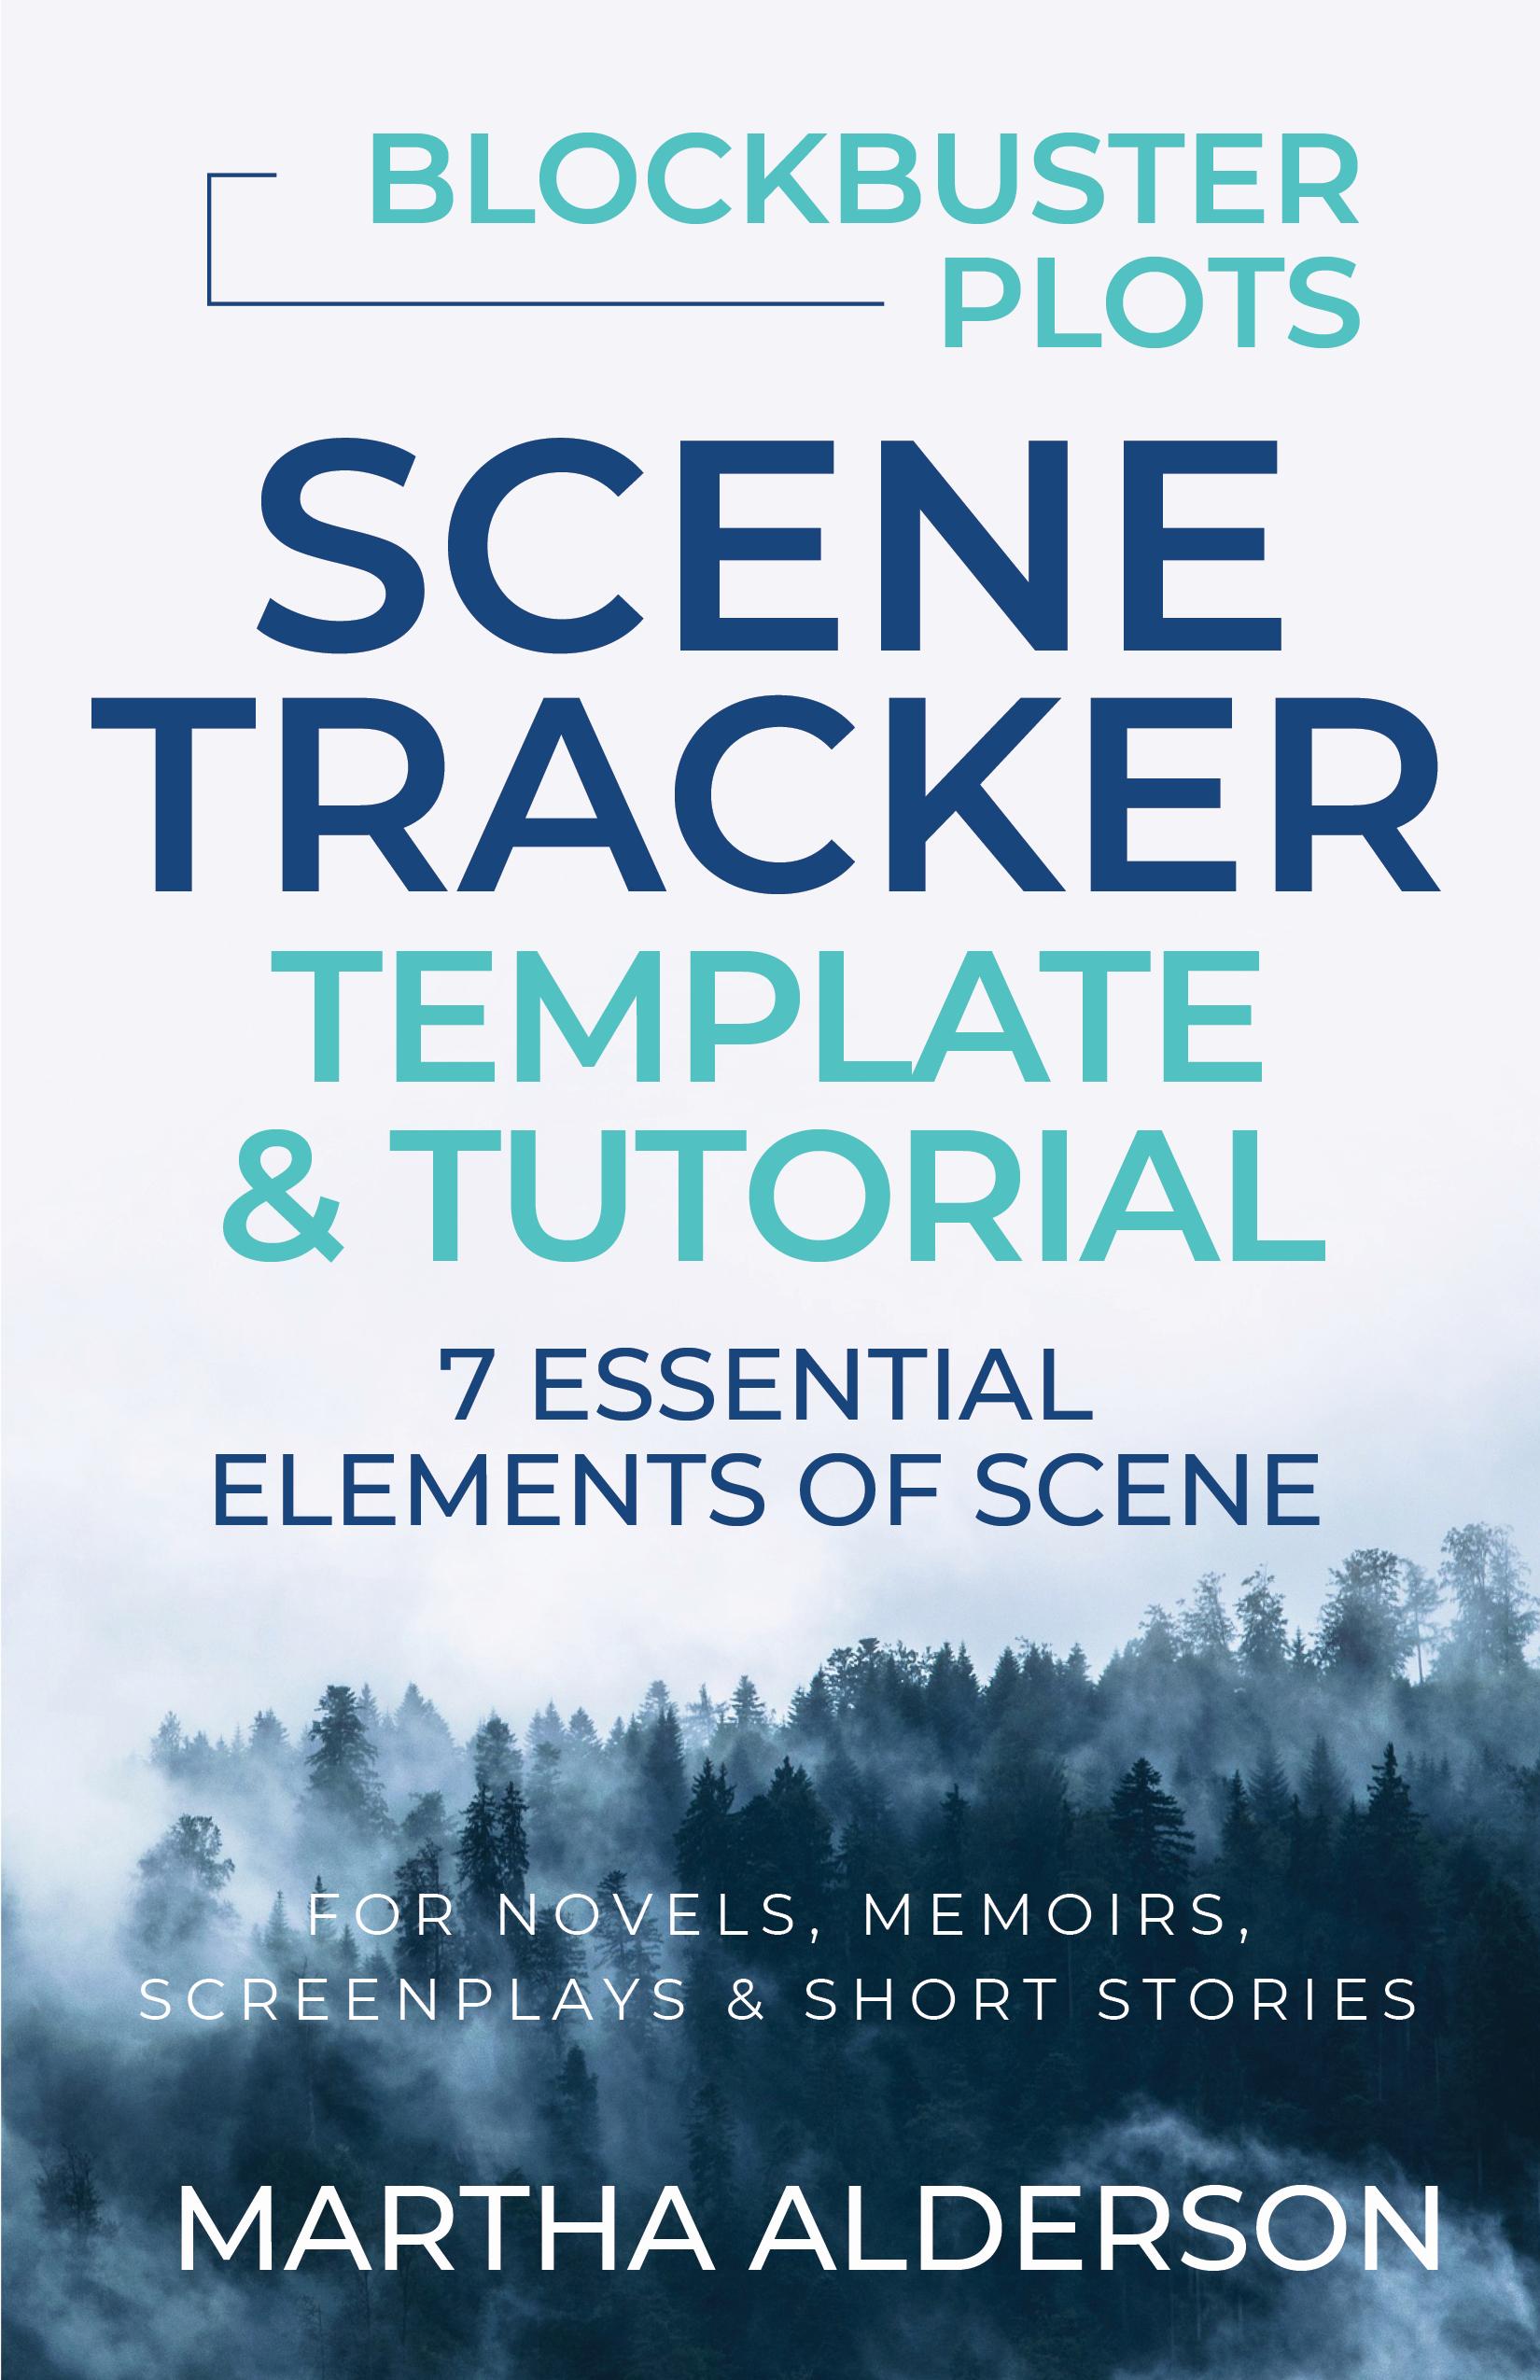 Scene Tracker Template by Martha Alderson